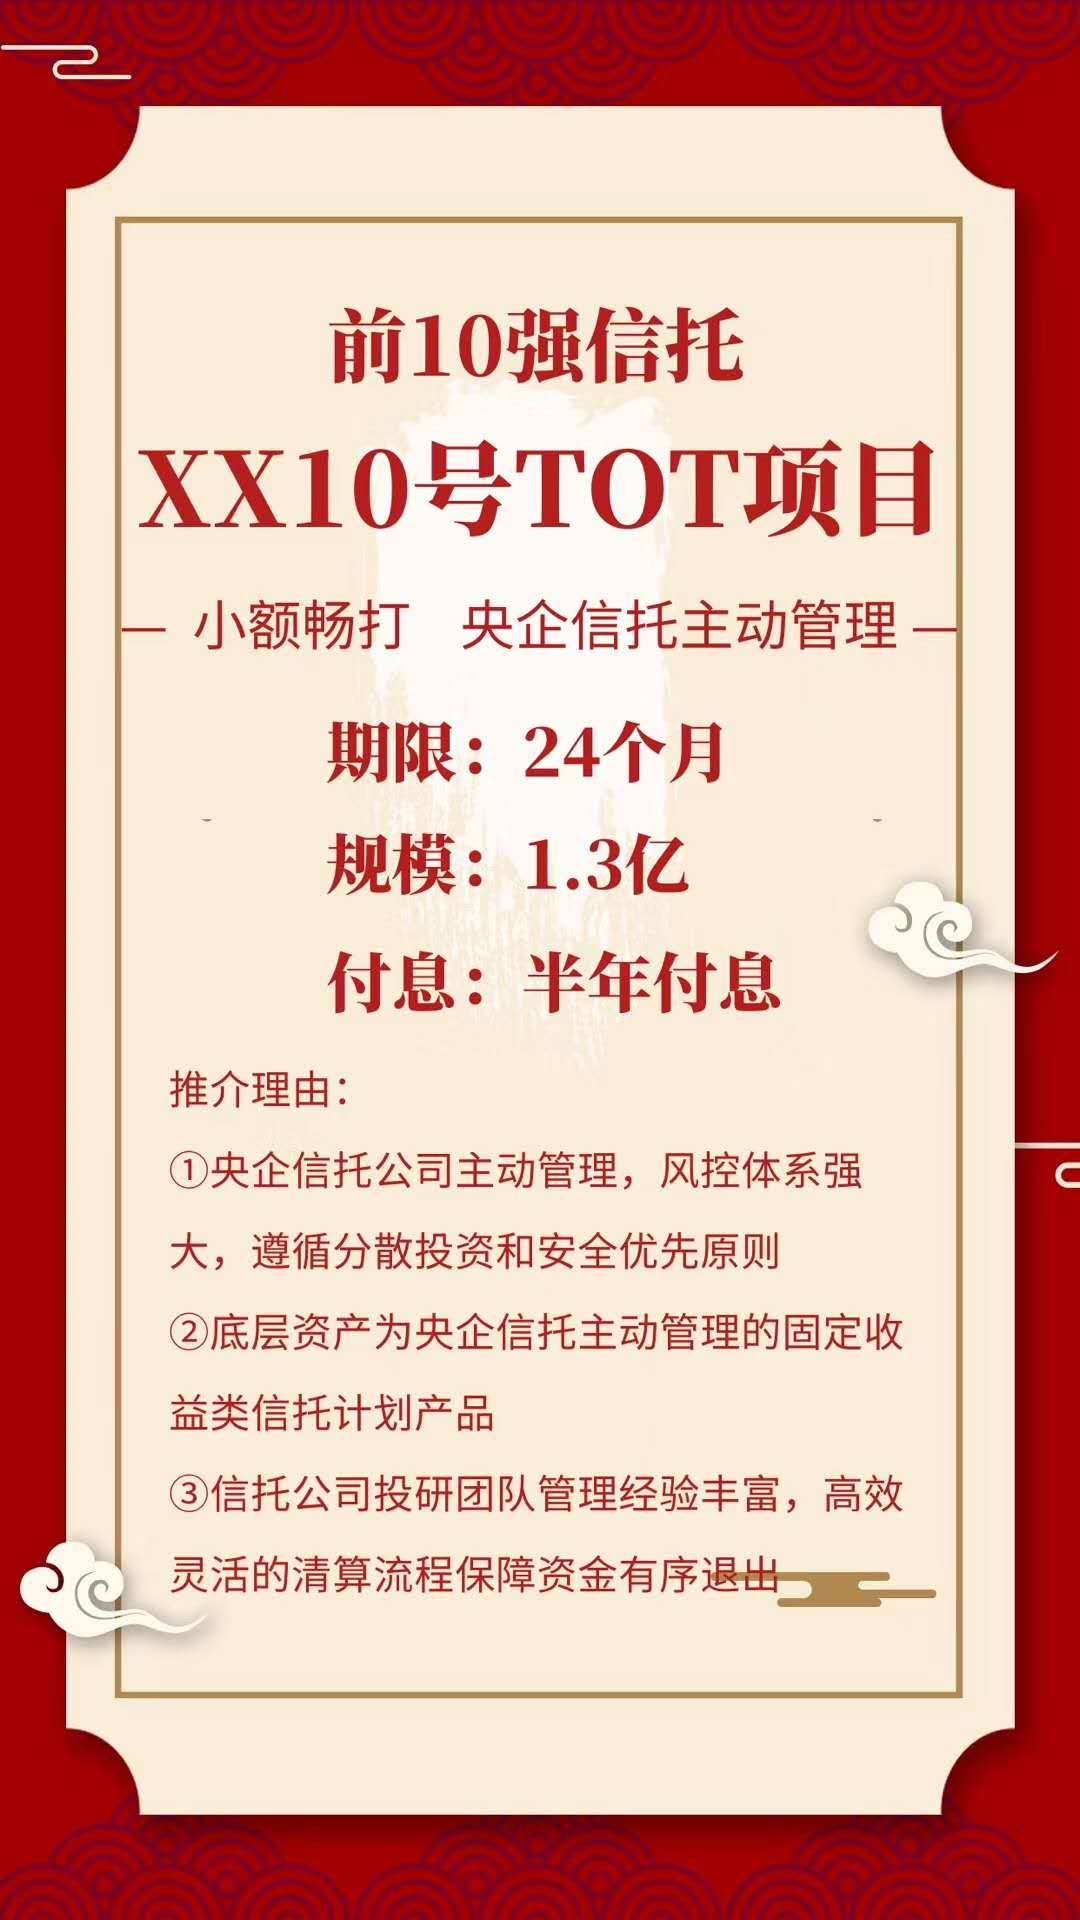 前10强信托-XX10号TOT项目